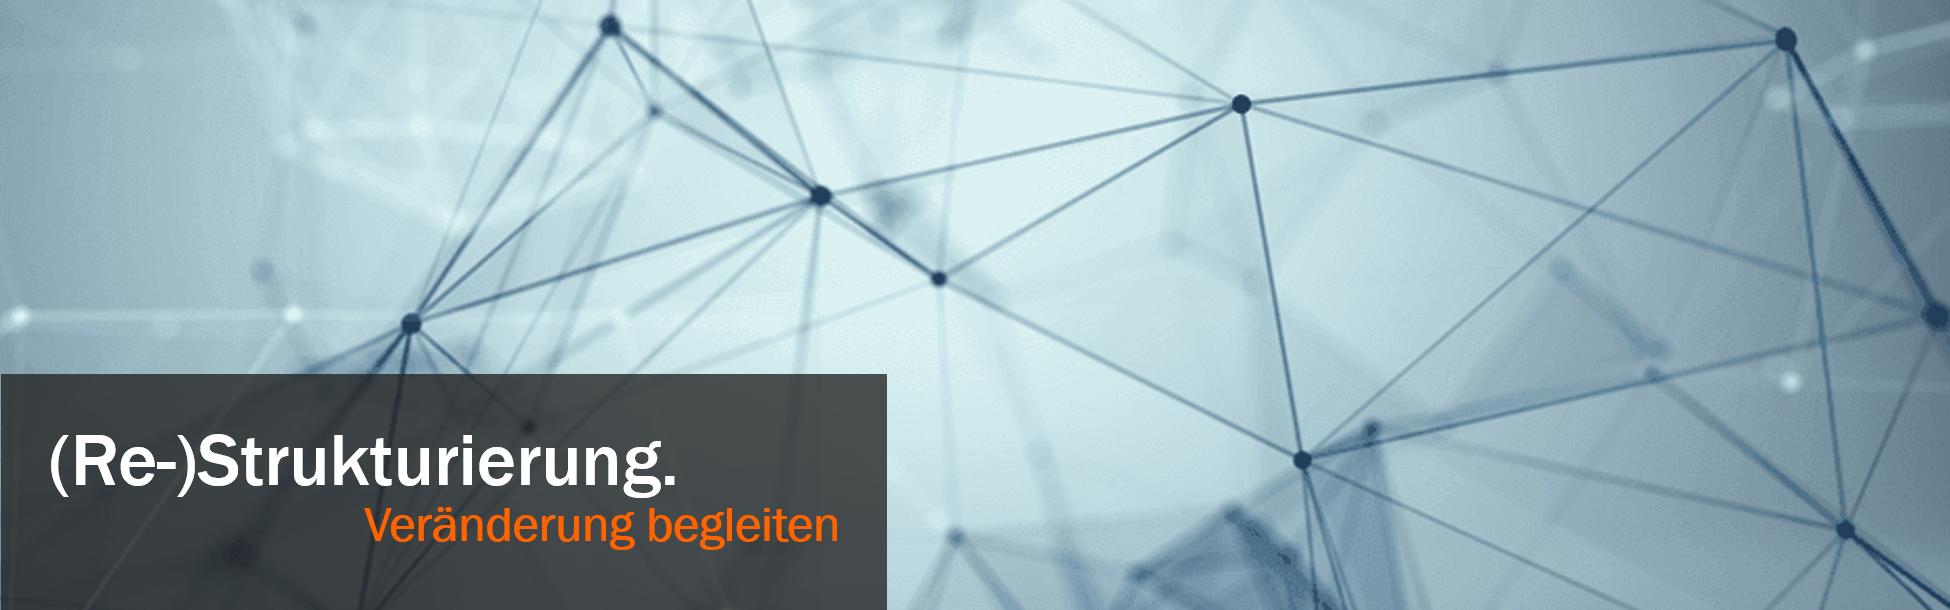 Restrukturierung_Slider_de